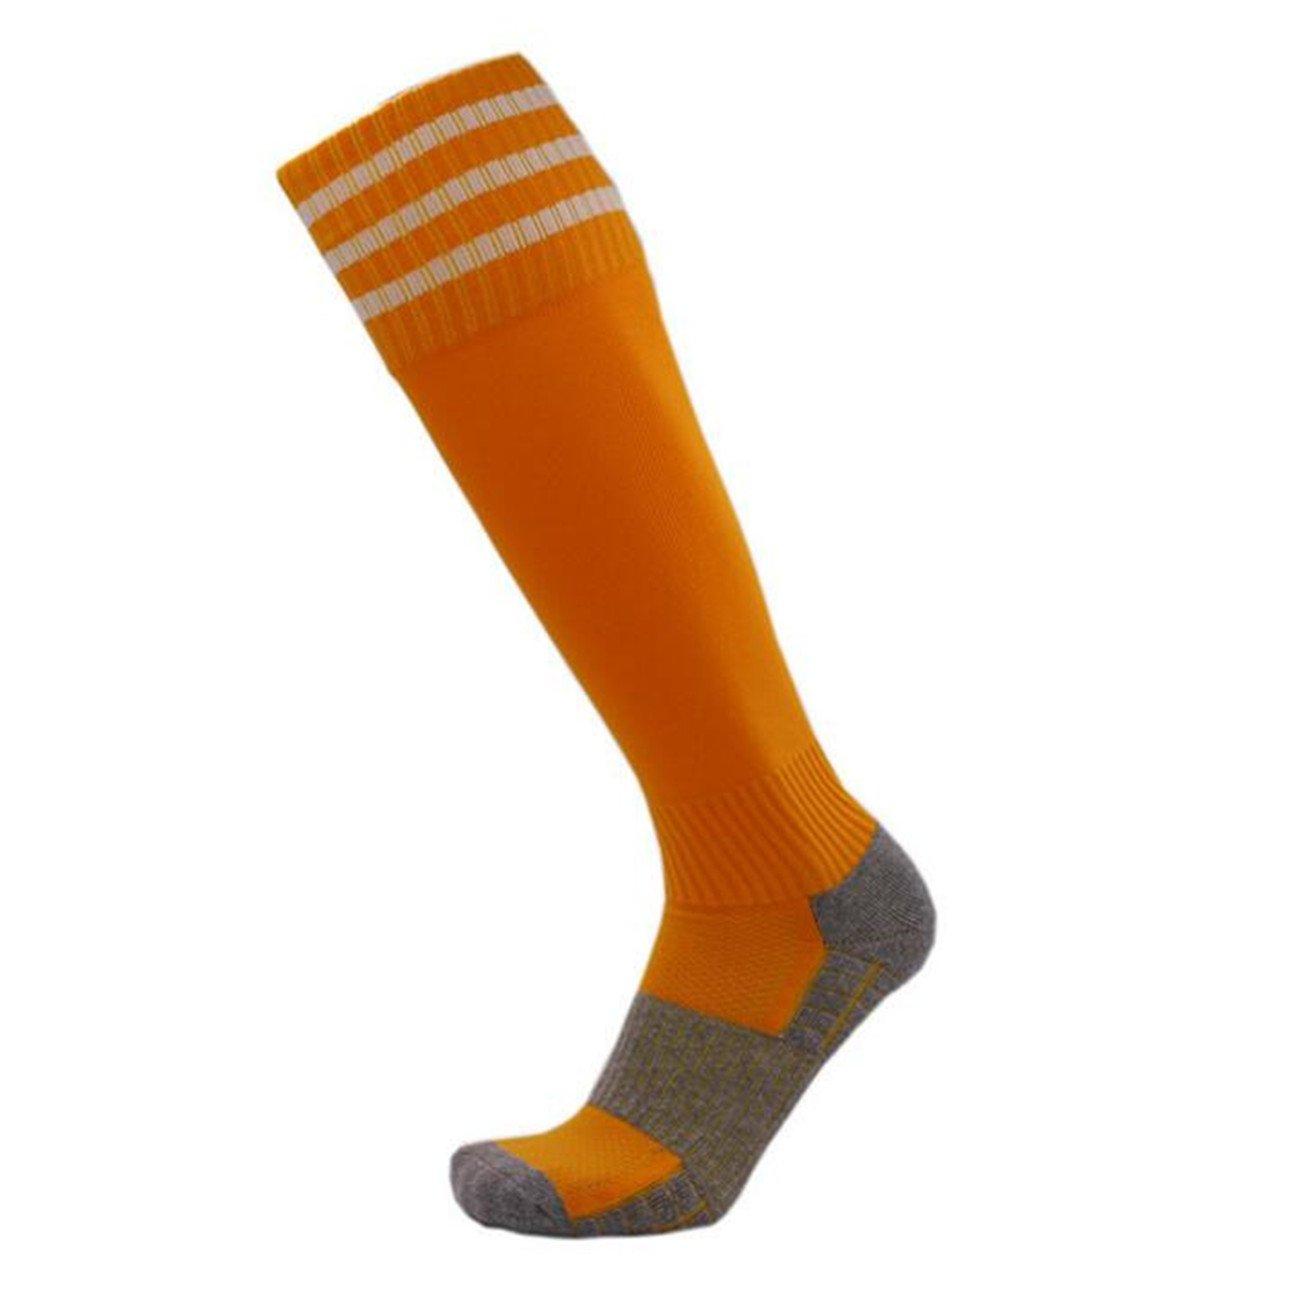 a86f468fa77 1 Paire Chaussettes Sport Hautes Chaussette de Football Chaussettes de  compression Chaussettes de Running et Bas